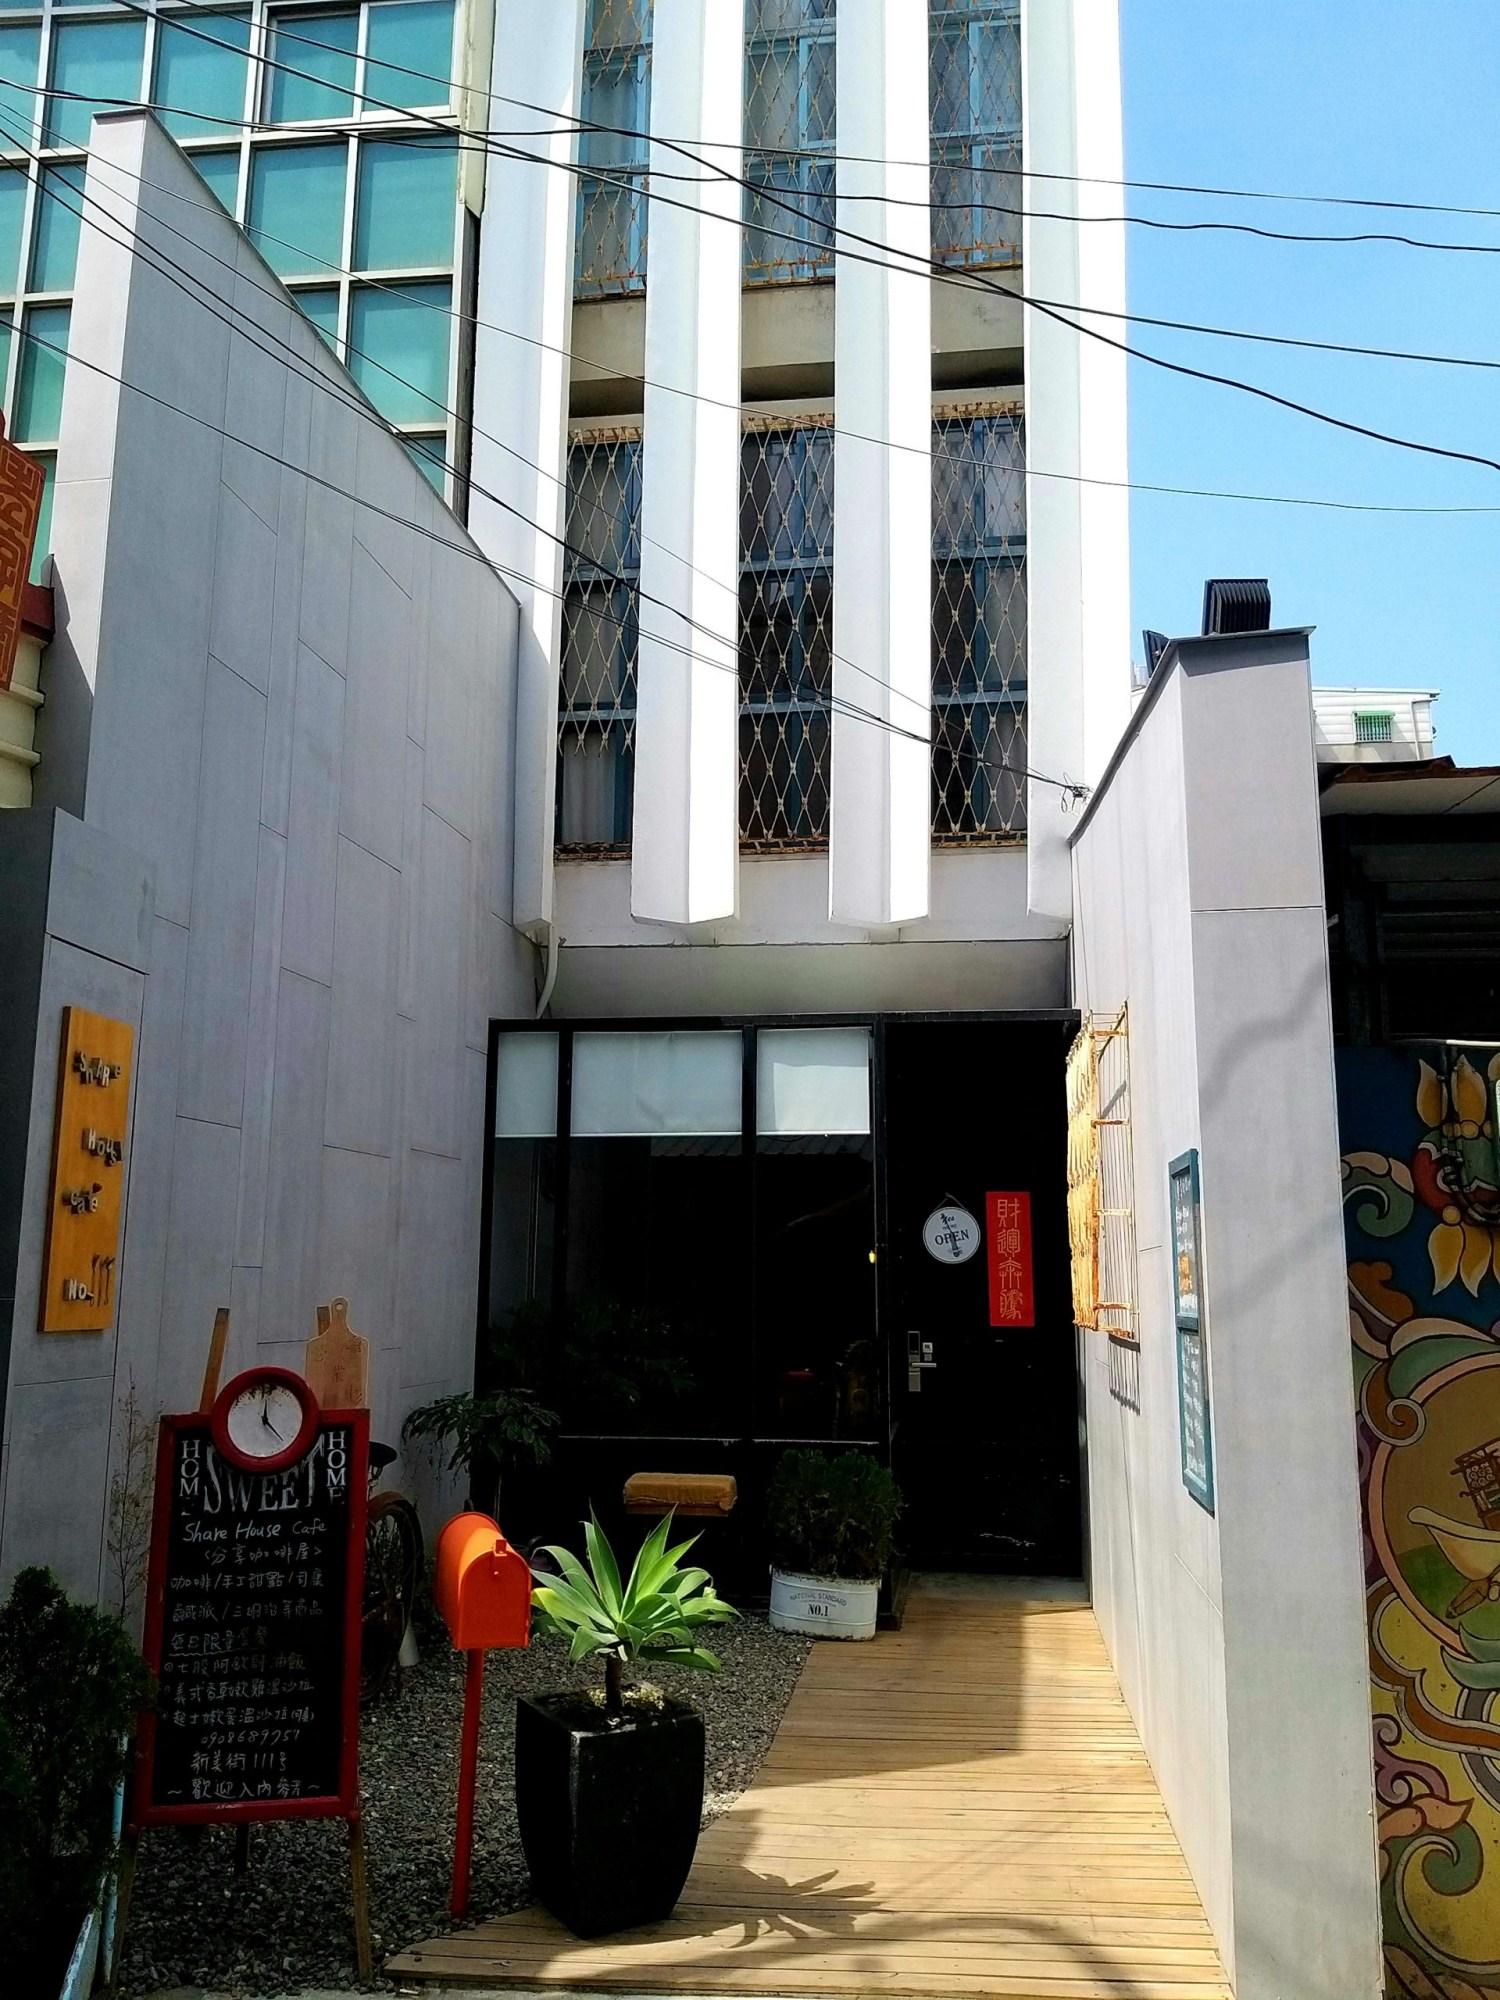 台南 新美街|開基武廟|Share House Cafe|咖啡館結合民宿的複合空間